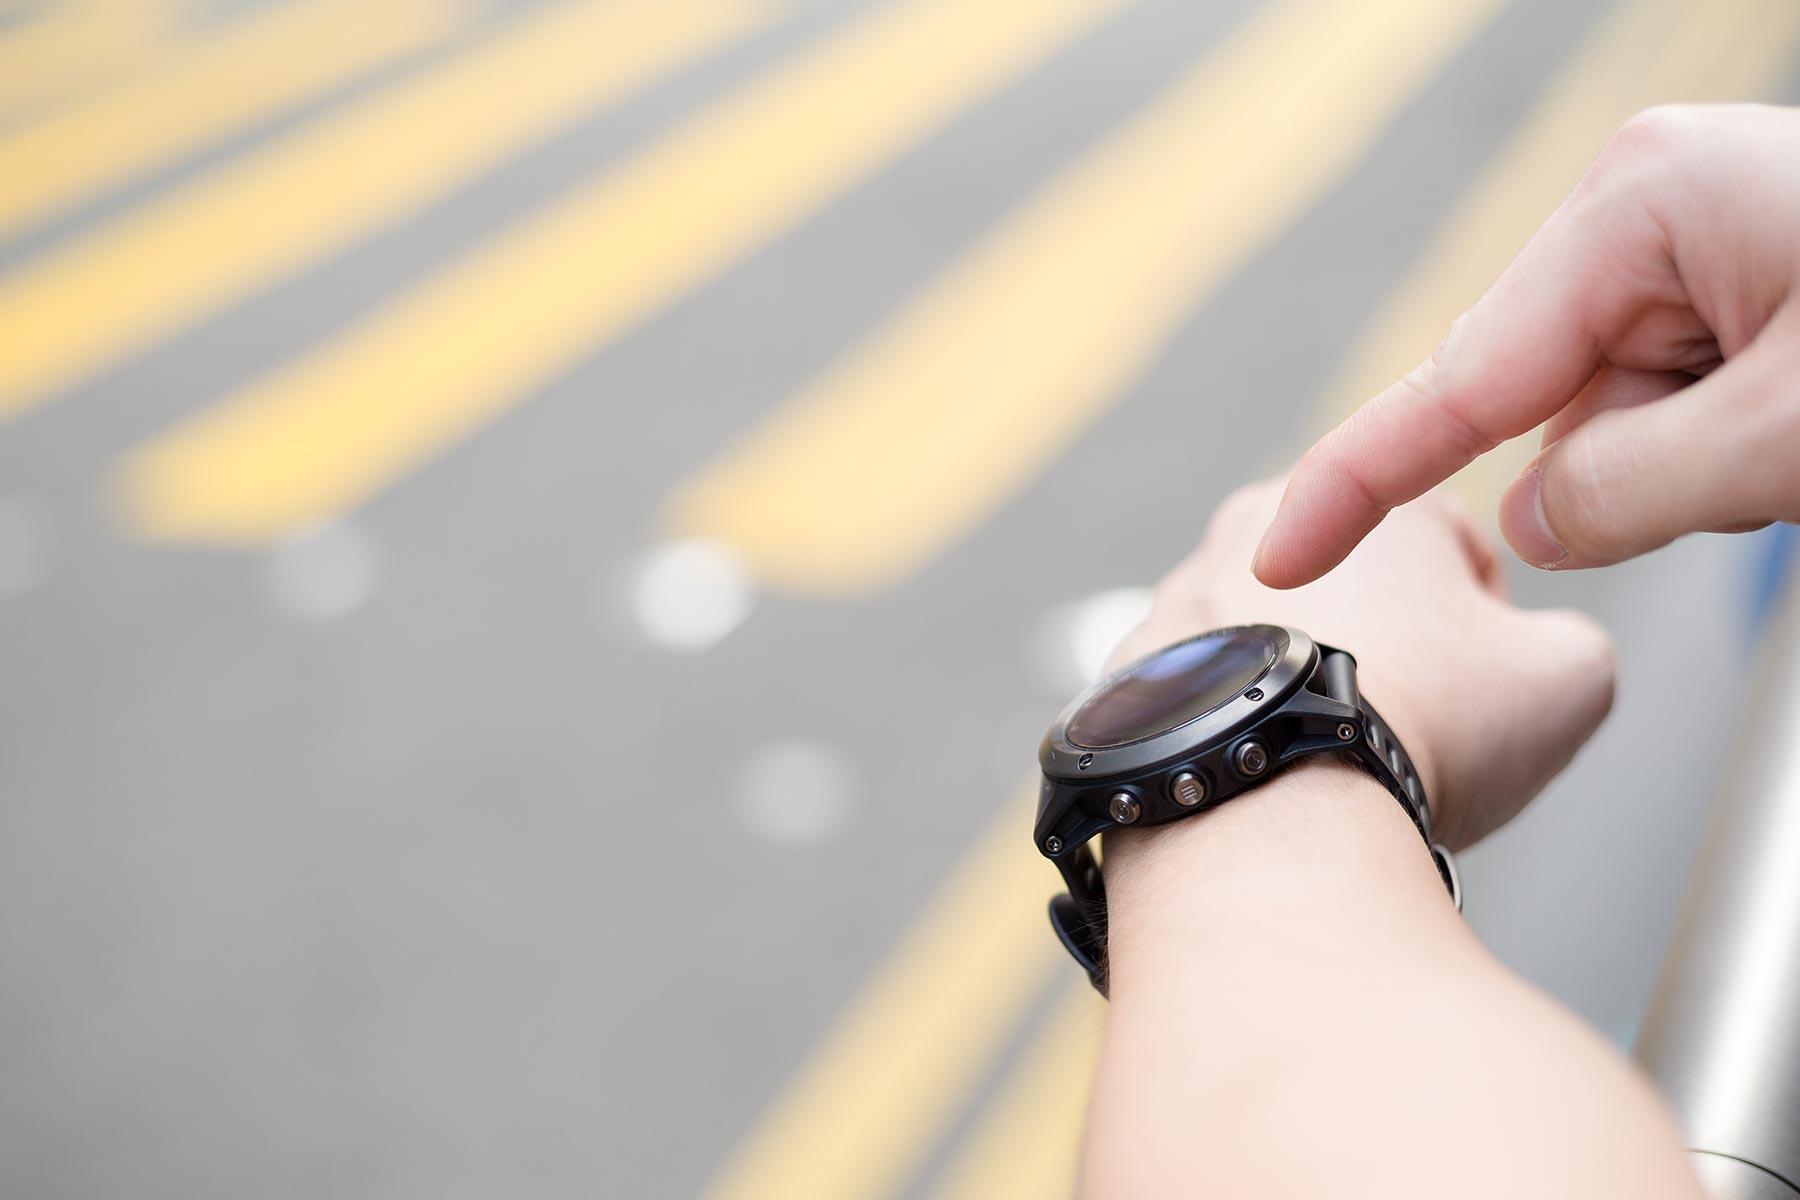 man-wearing-smart-watch-G7XTMRJ.jpg